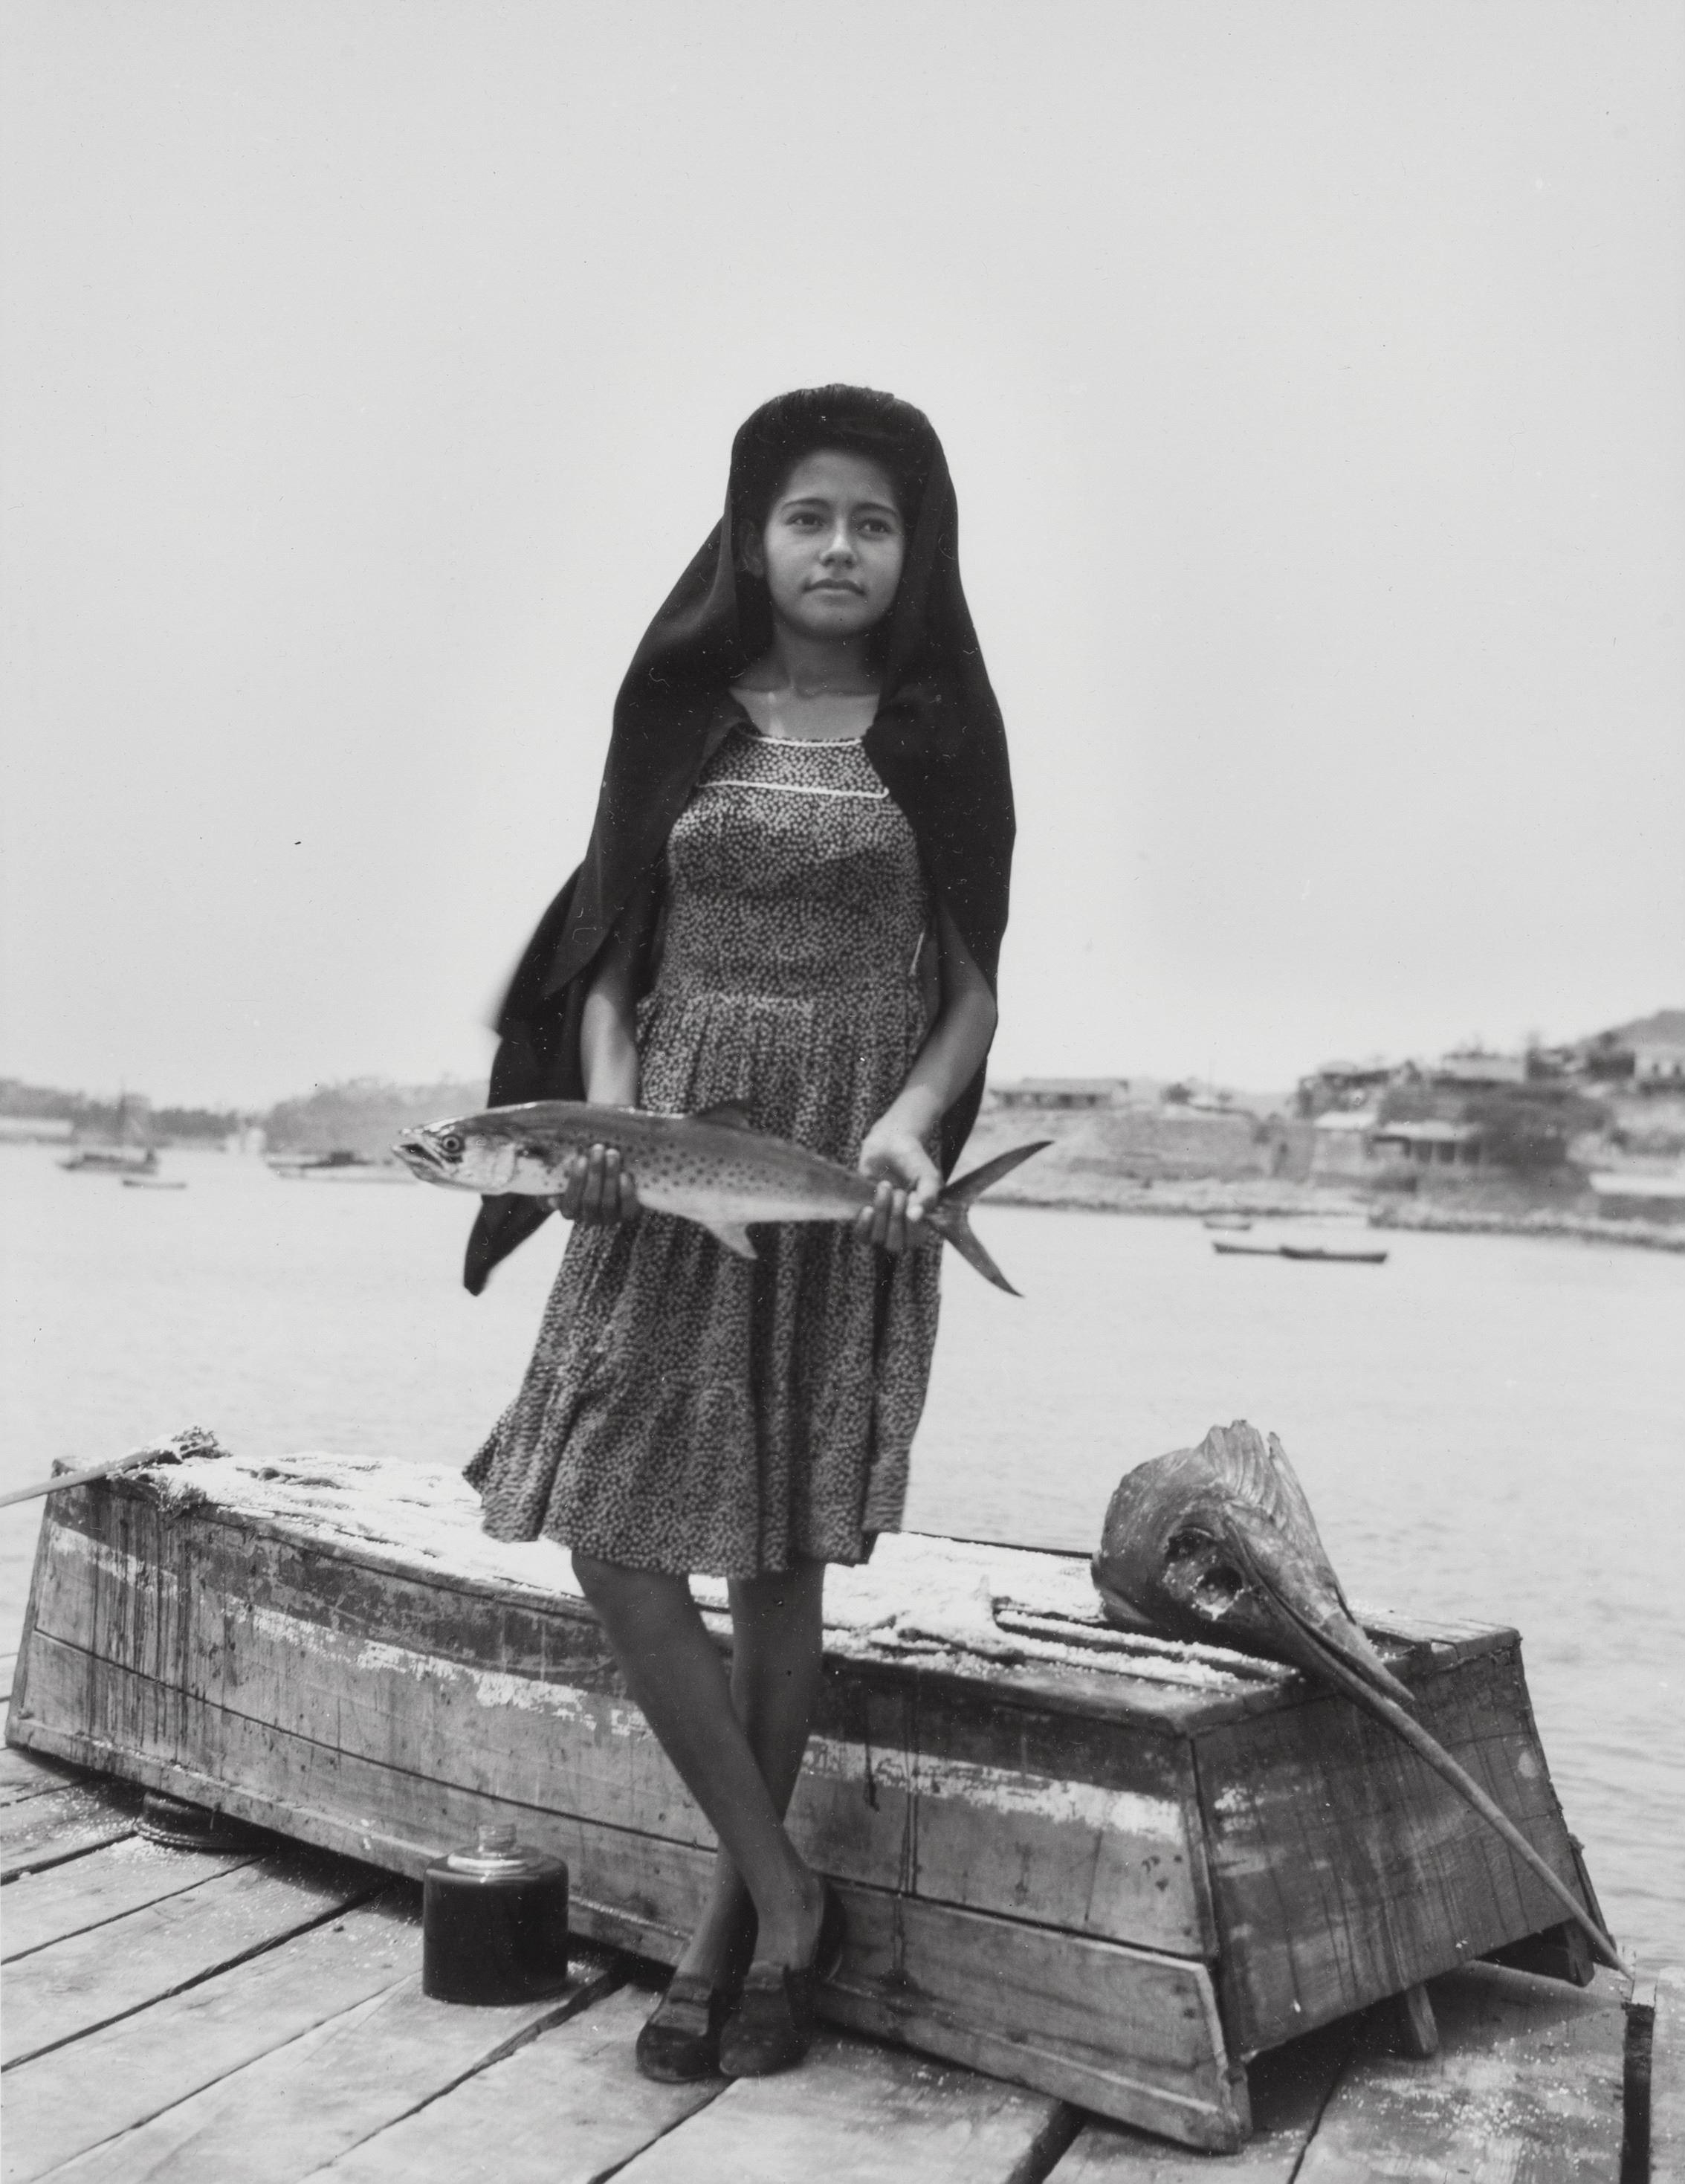 Меч-рыба, 1944. Фотограф Мануэль Альварес Браво